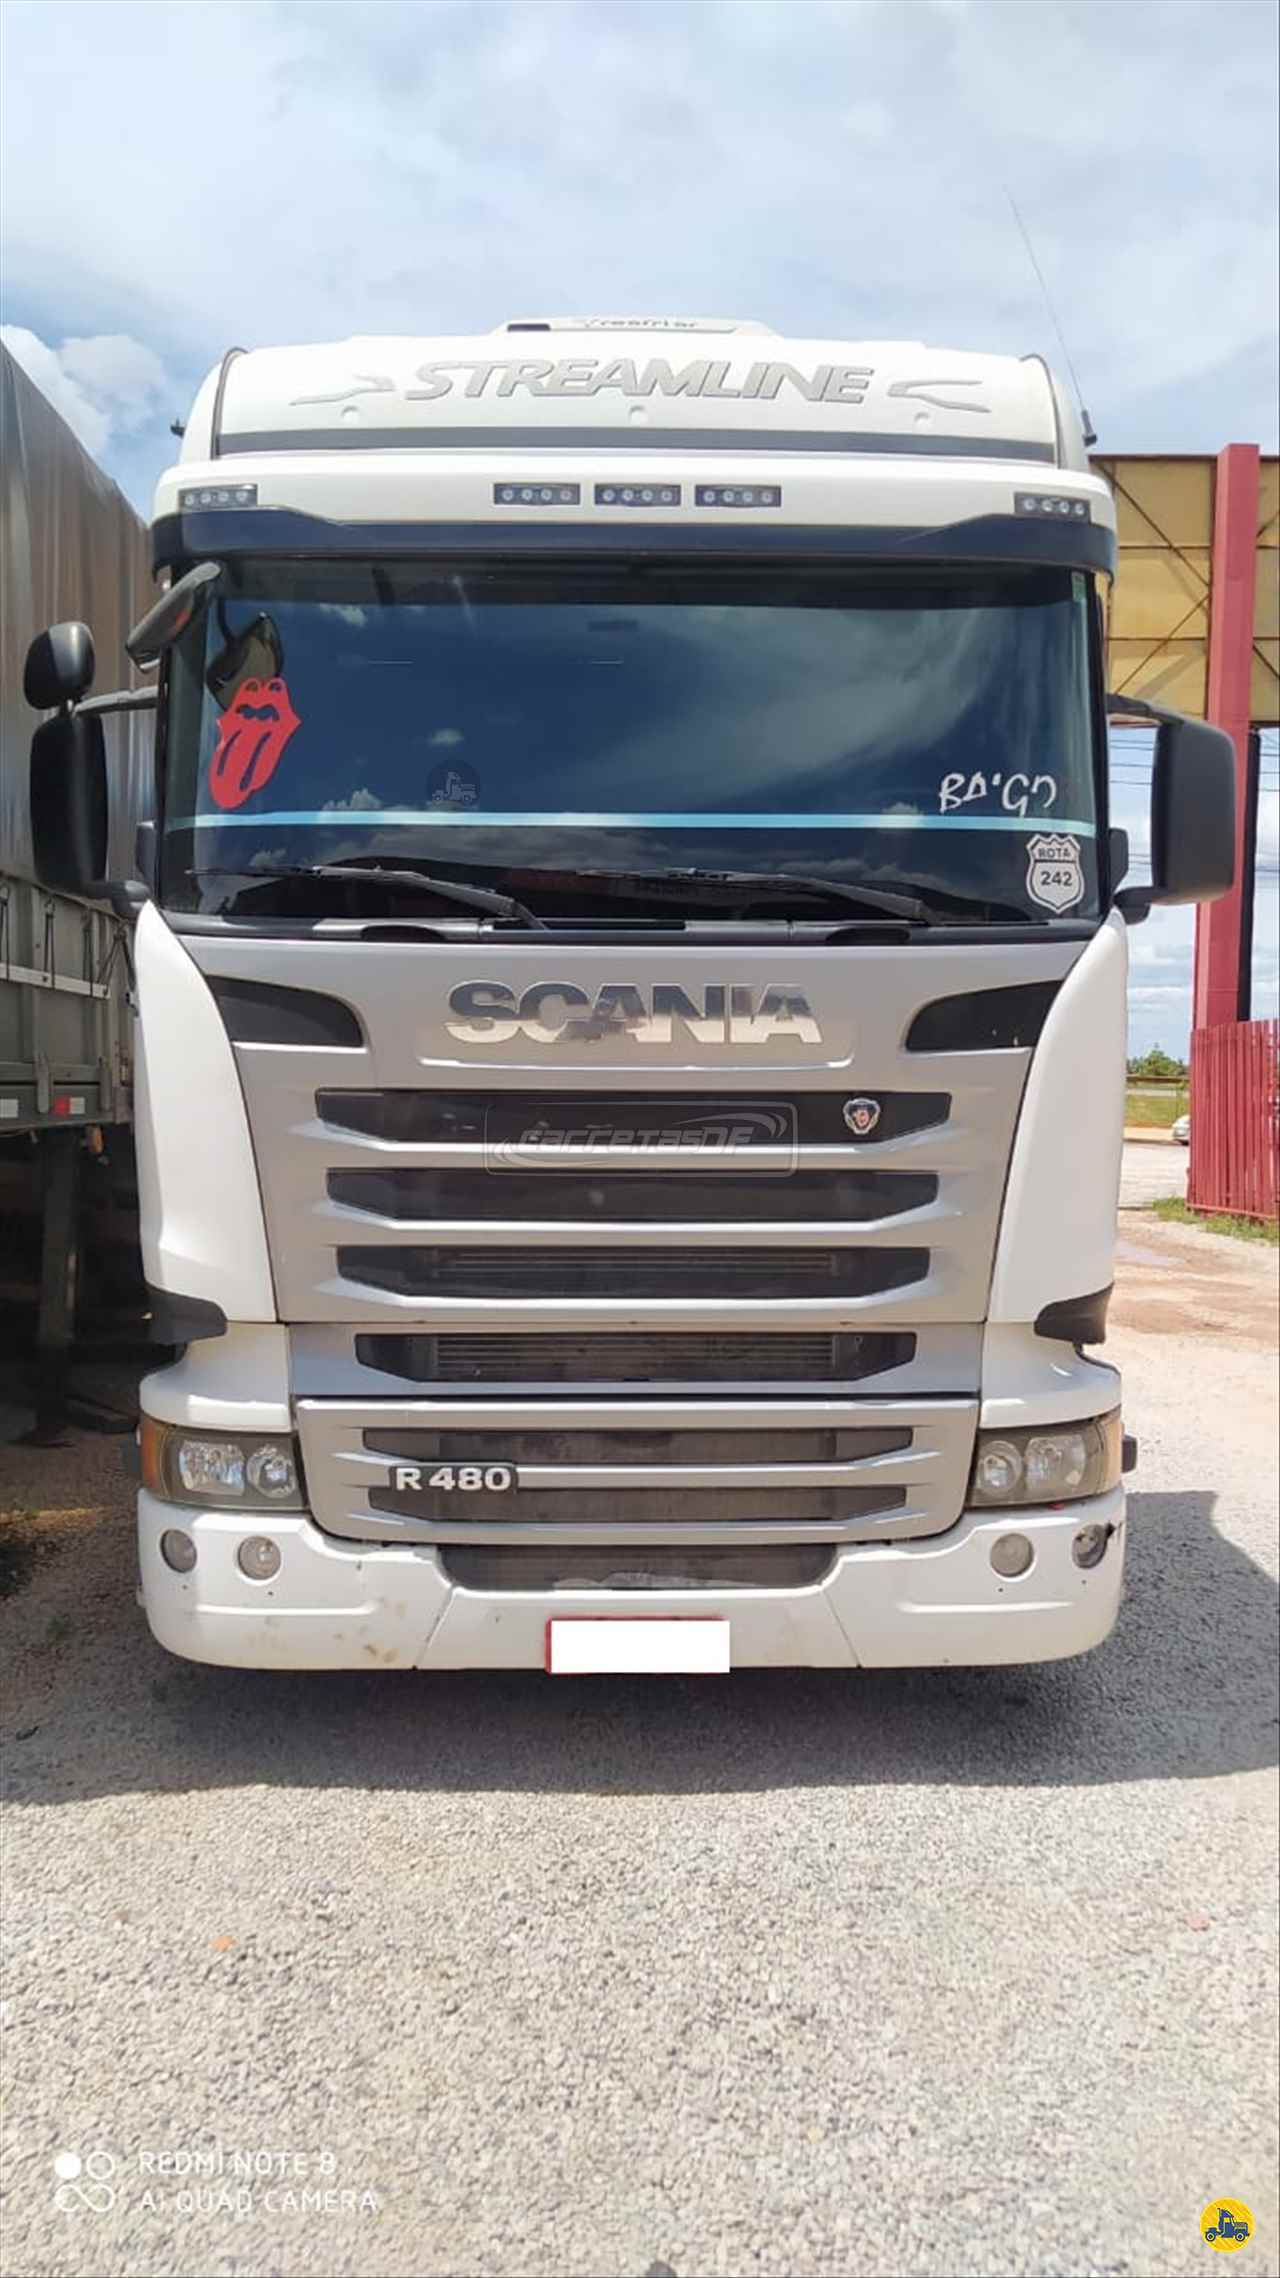 SCANIA SCANIA 480 550000km 2015/2015 Caminhões e Carretas DF - NOMA